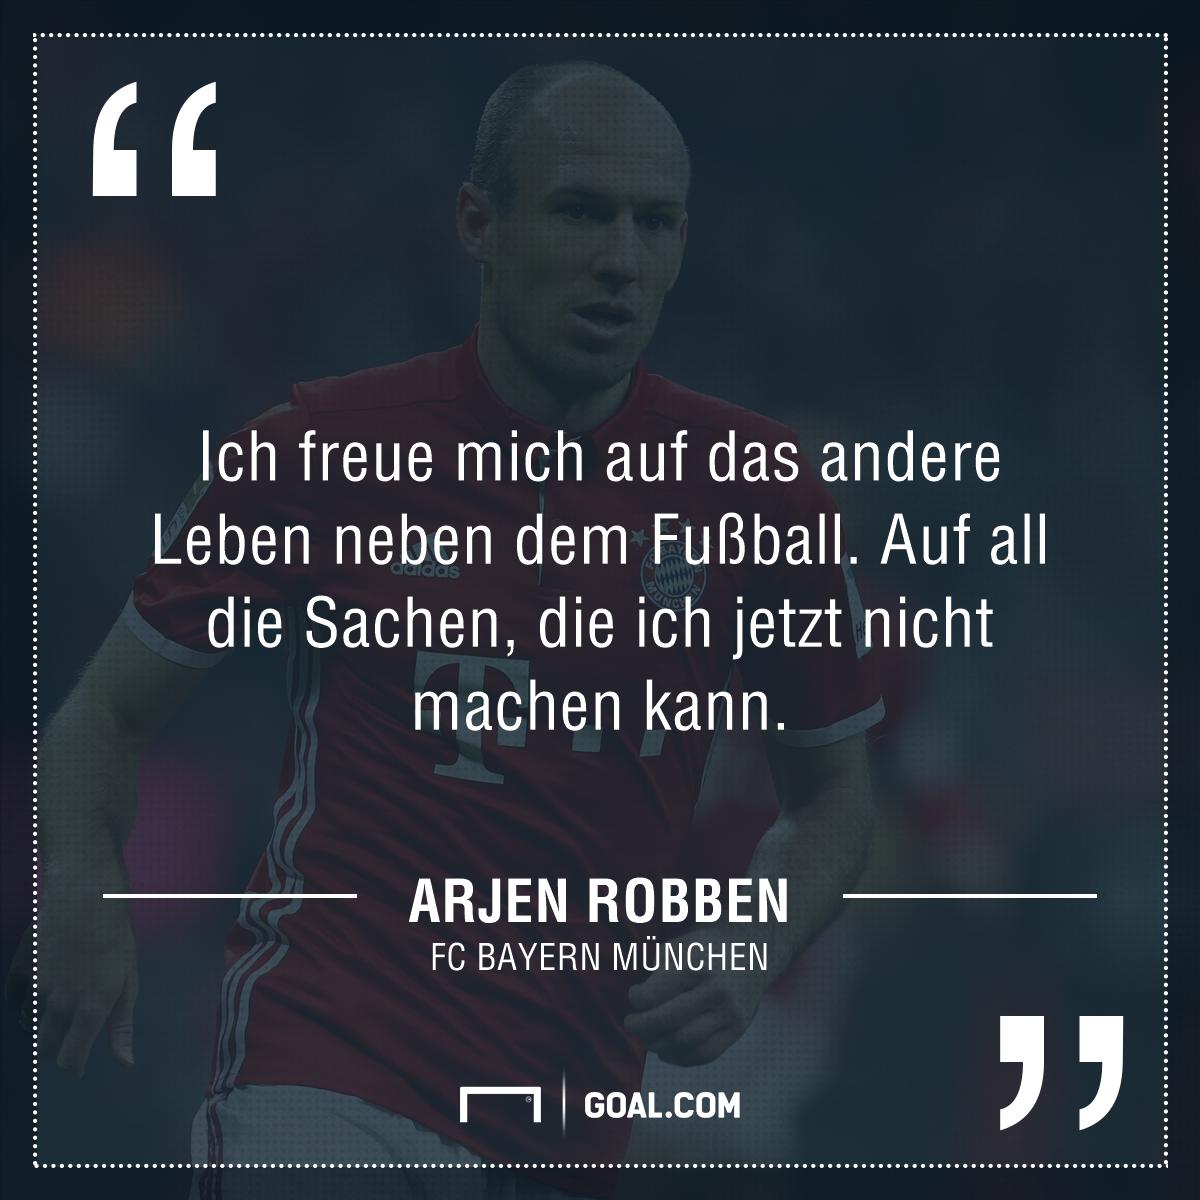 Arjen Robben Exklusiv War Ganz Schwierig Zu Bayern Zu